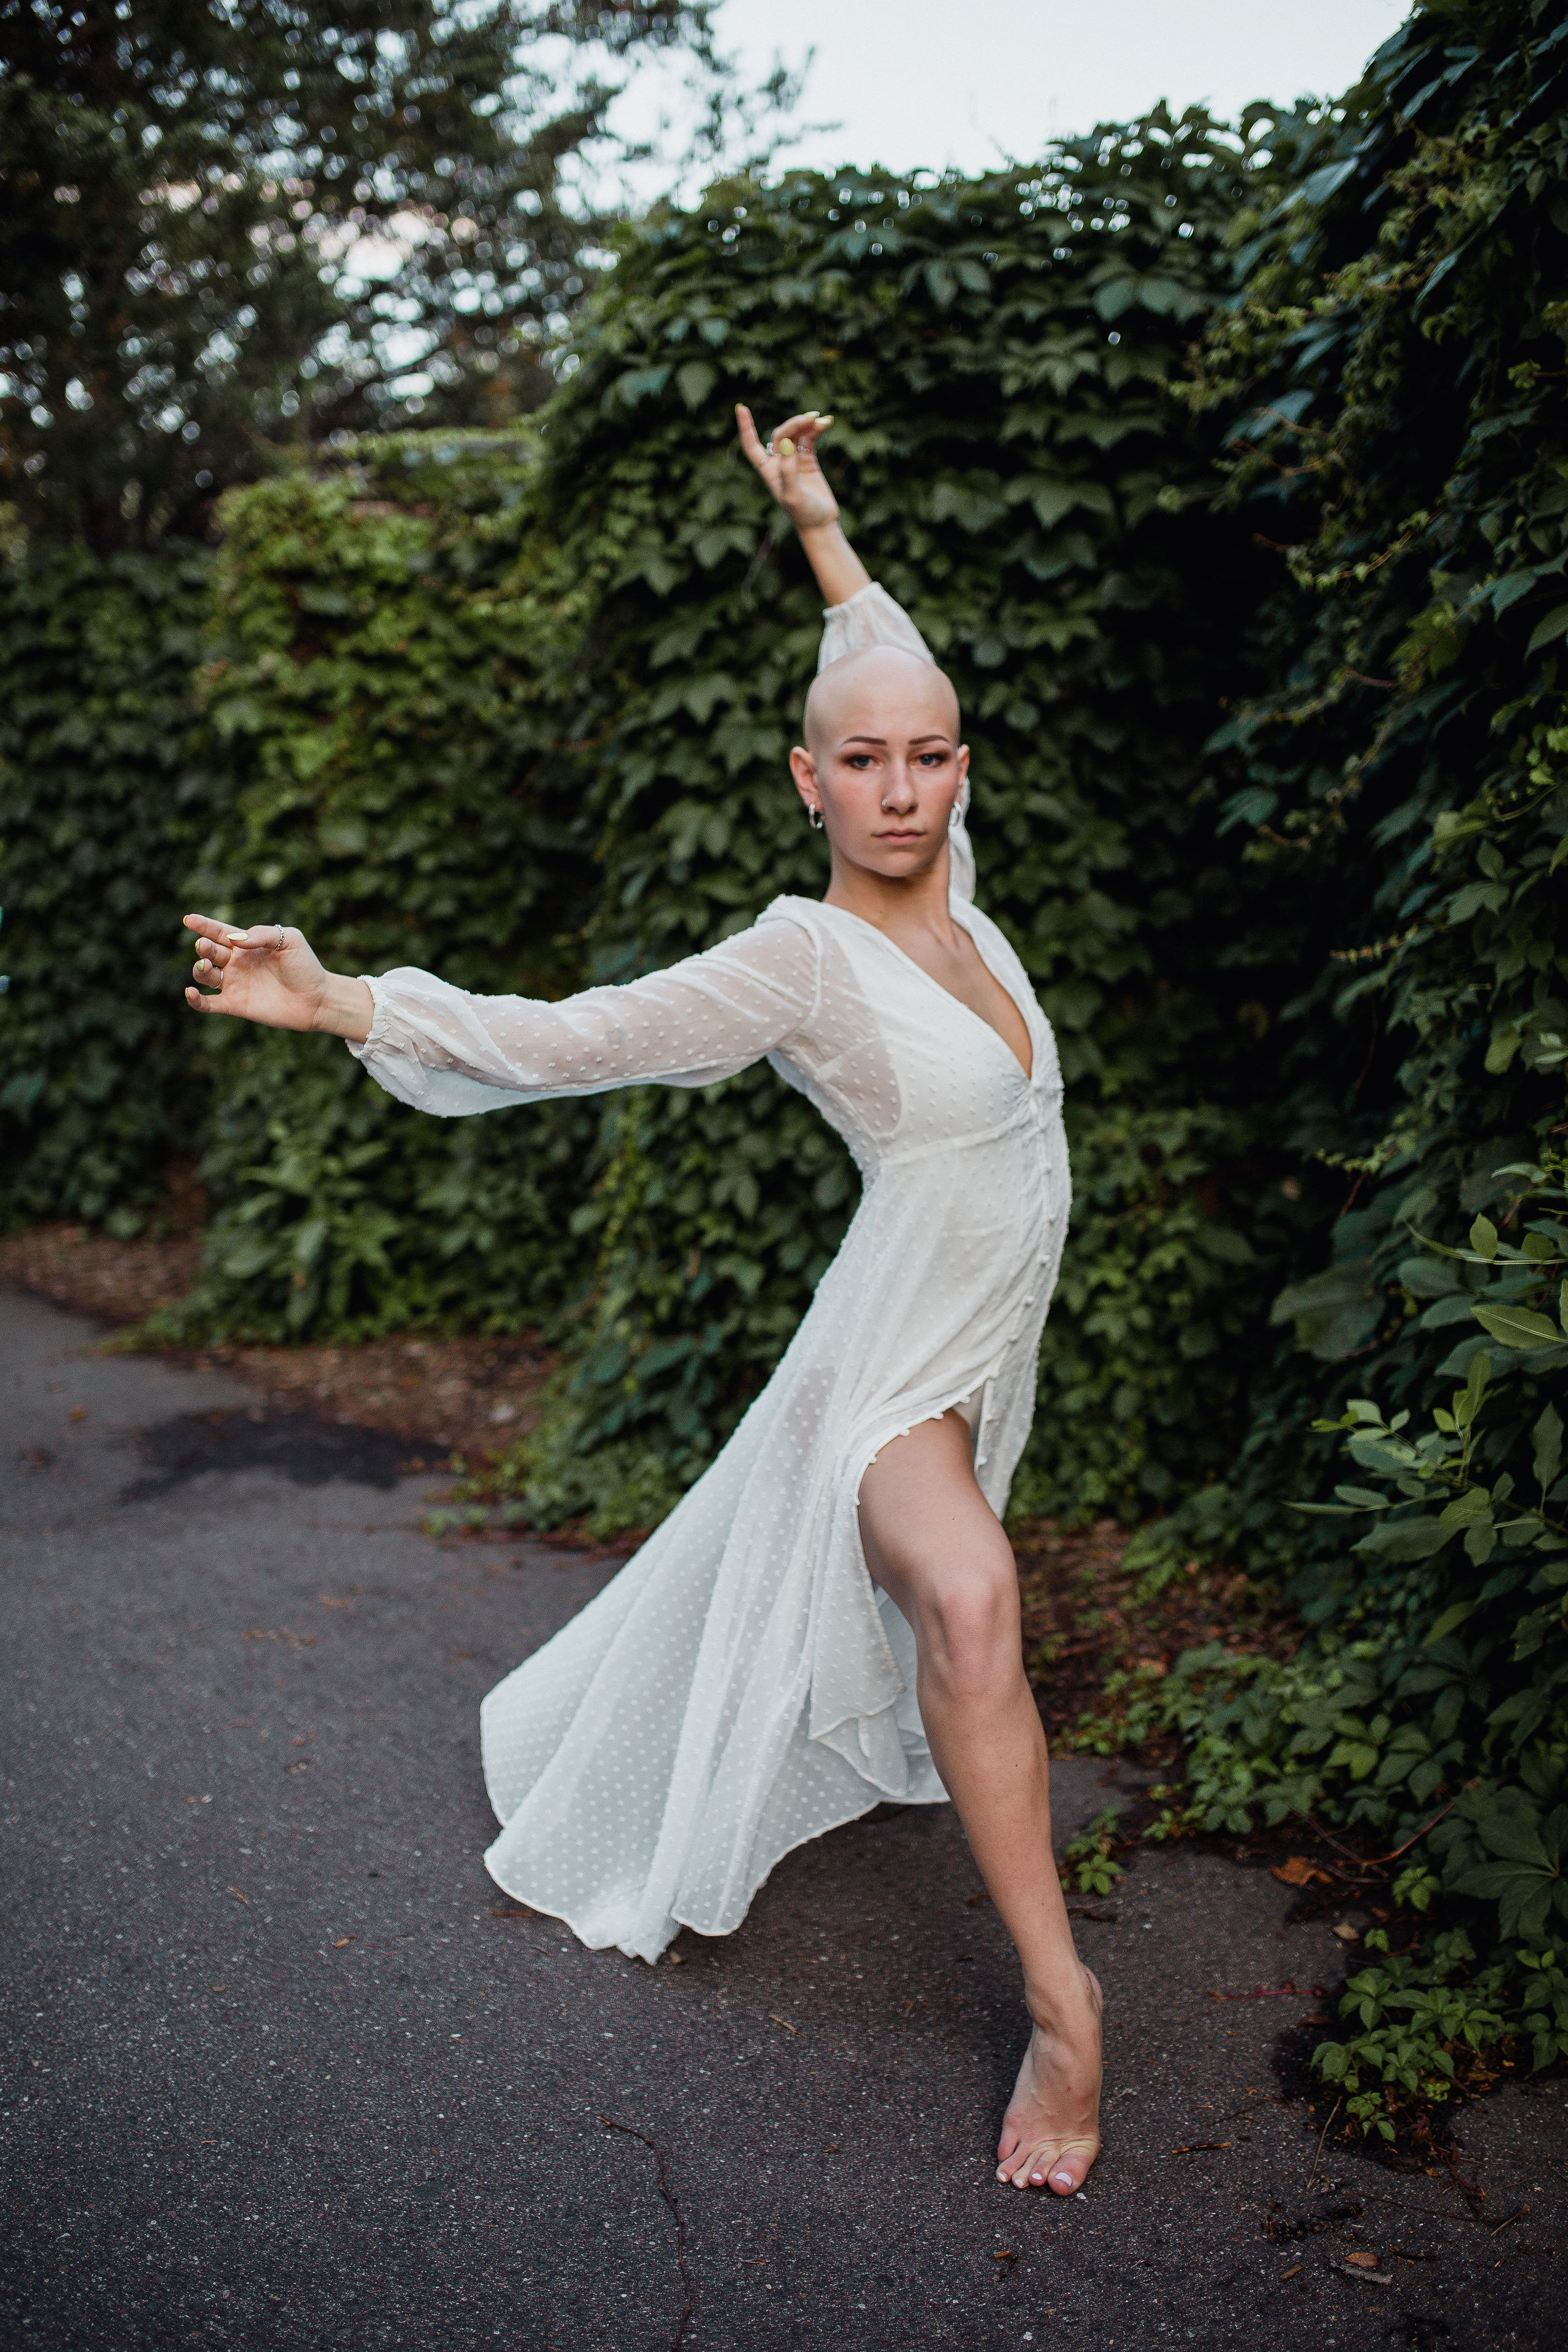 7.10.19_DesJardinsStudio_MadisonJordan_Dance_32.jpg